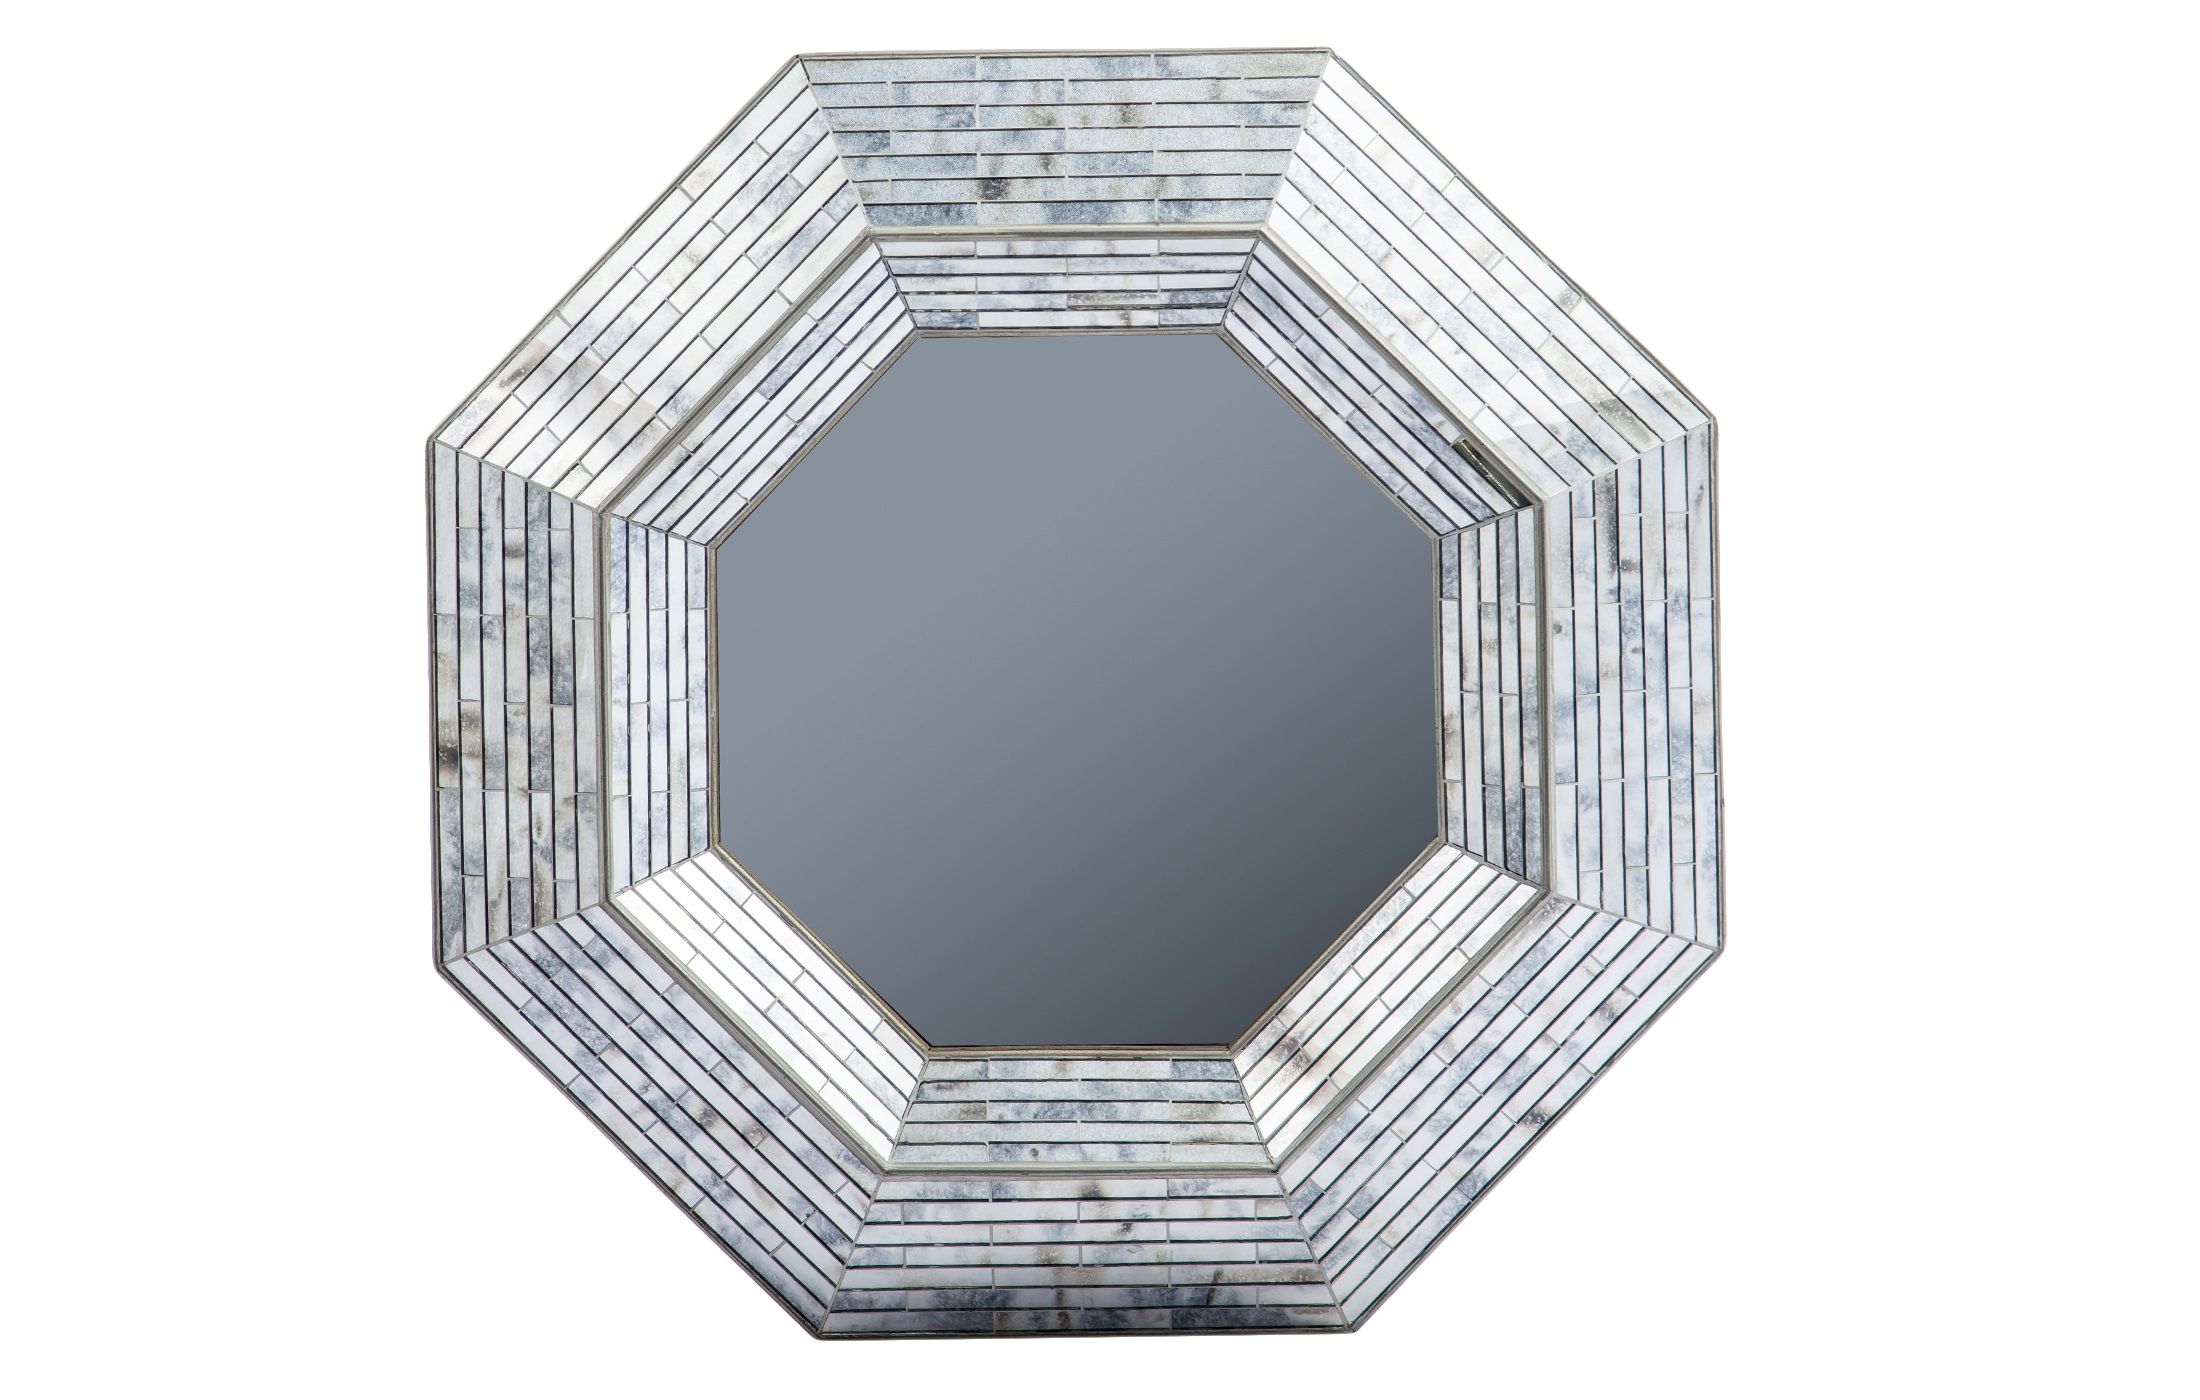 Зеркало в стиле арт-декоНастенные зеркала<br>Зеркало в форме восьмиугольника в стиле арт-деко. Рама декорирована зеркальными вставками.<br><br>Material: Стекло<br>Width см: 100<br>Depth см: 10<br>Height см: 100